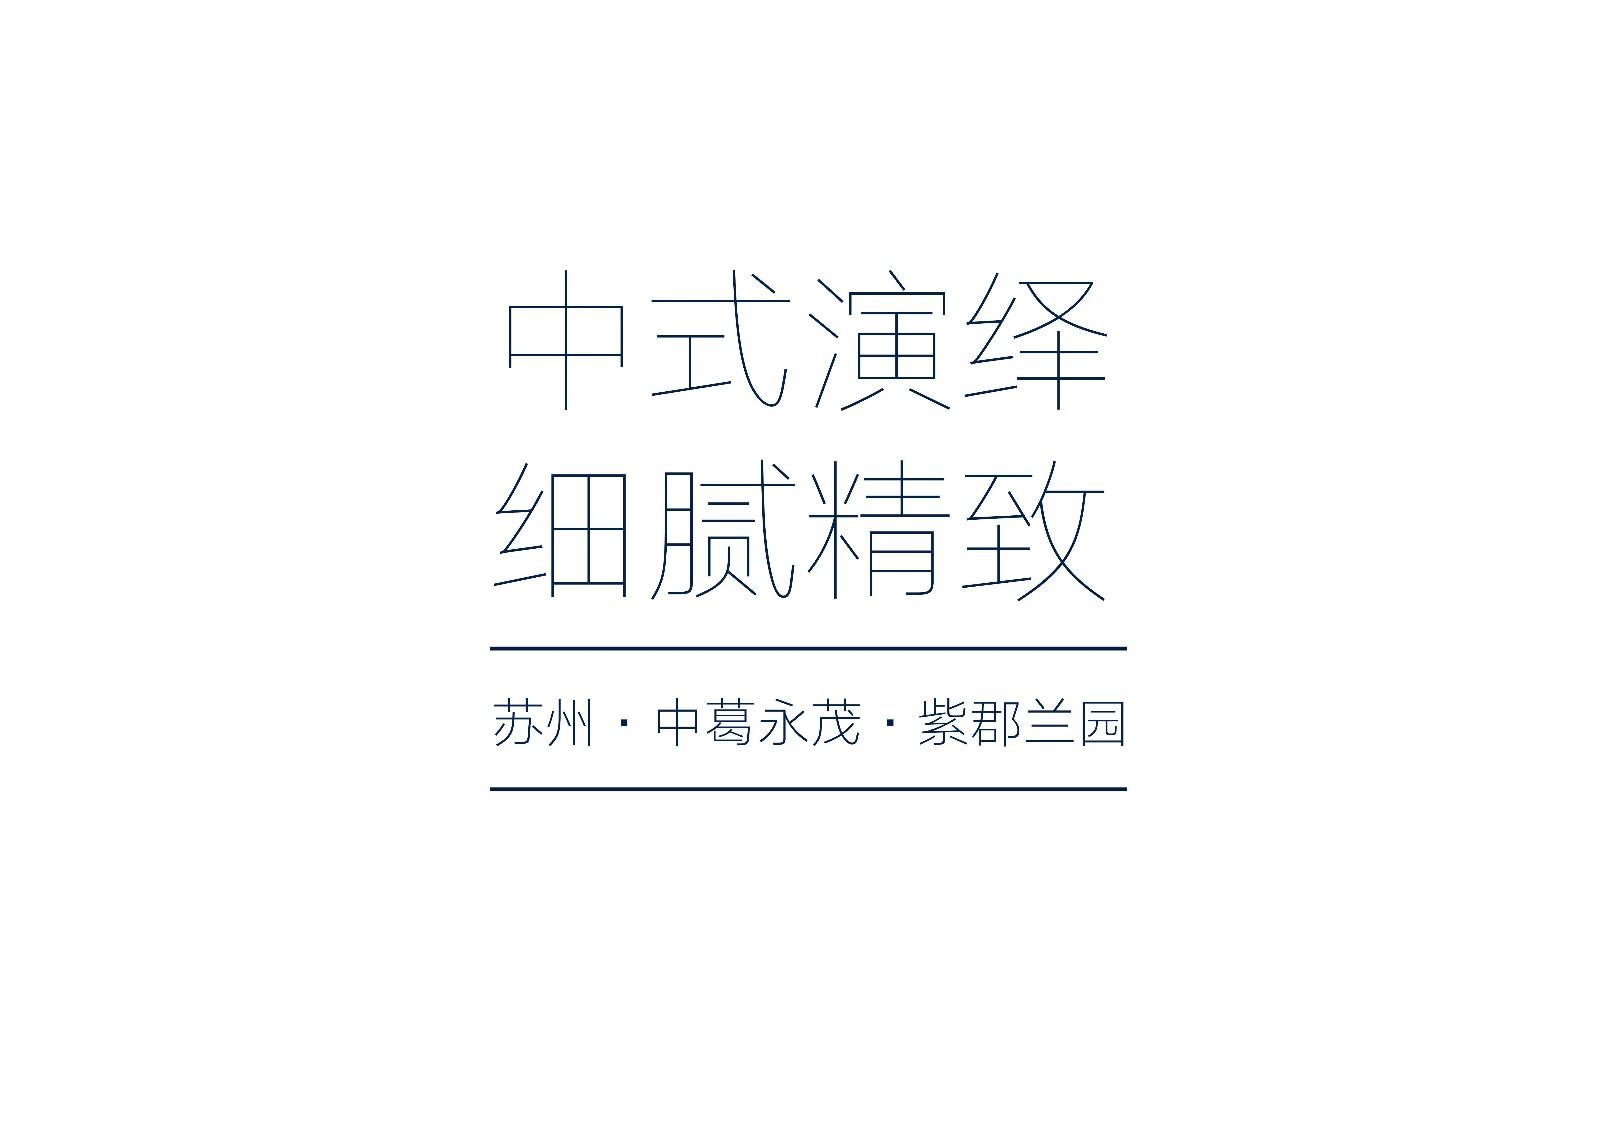 苏州紫郡大字报_00.jpg